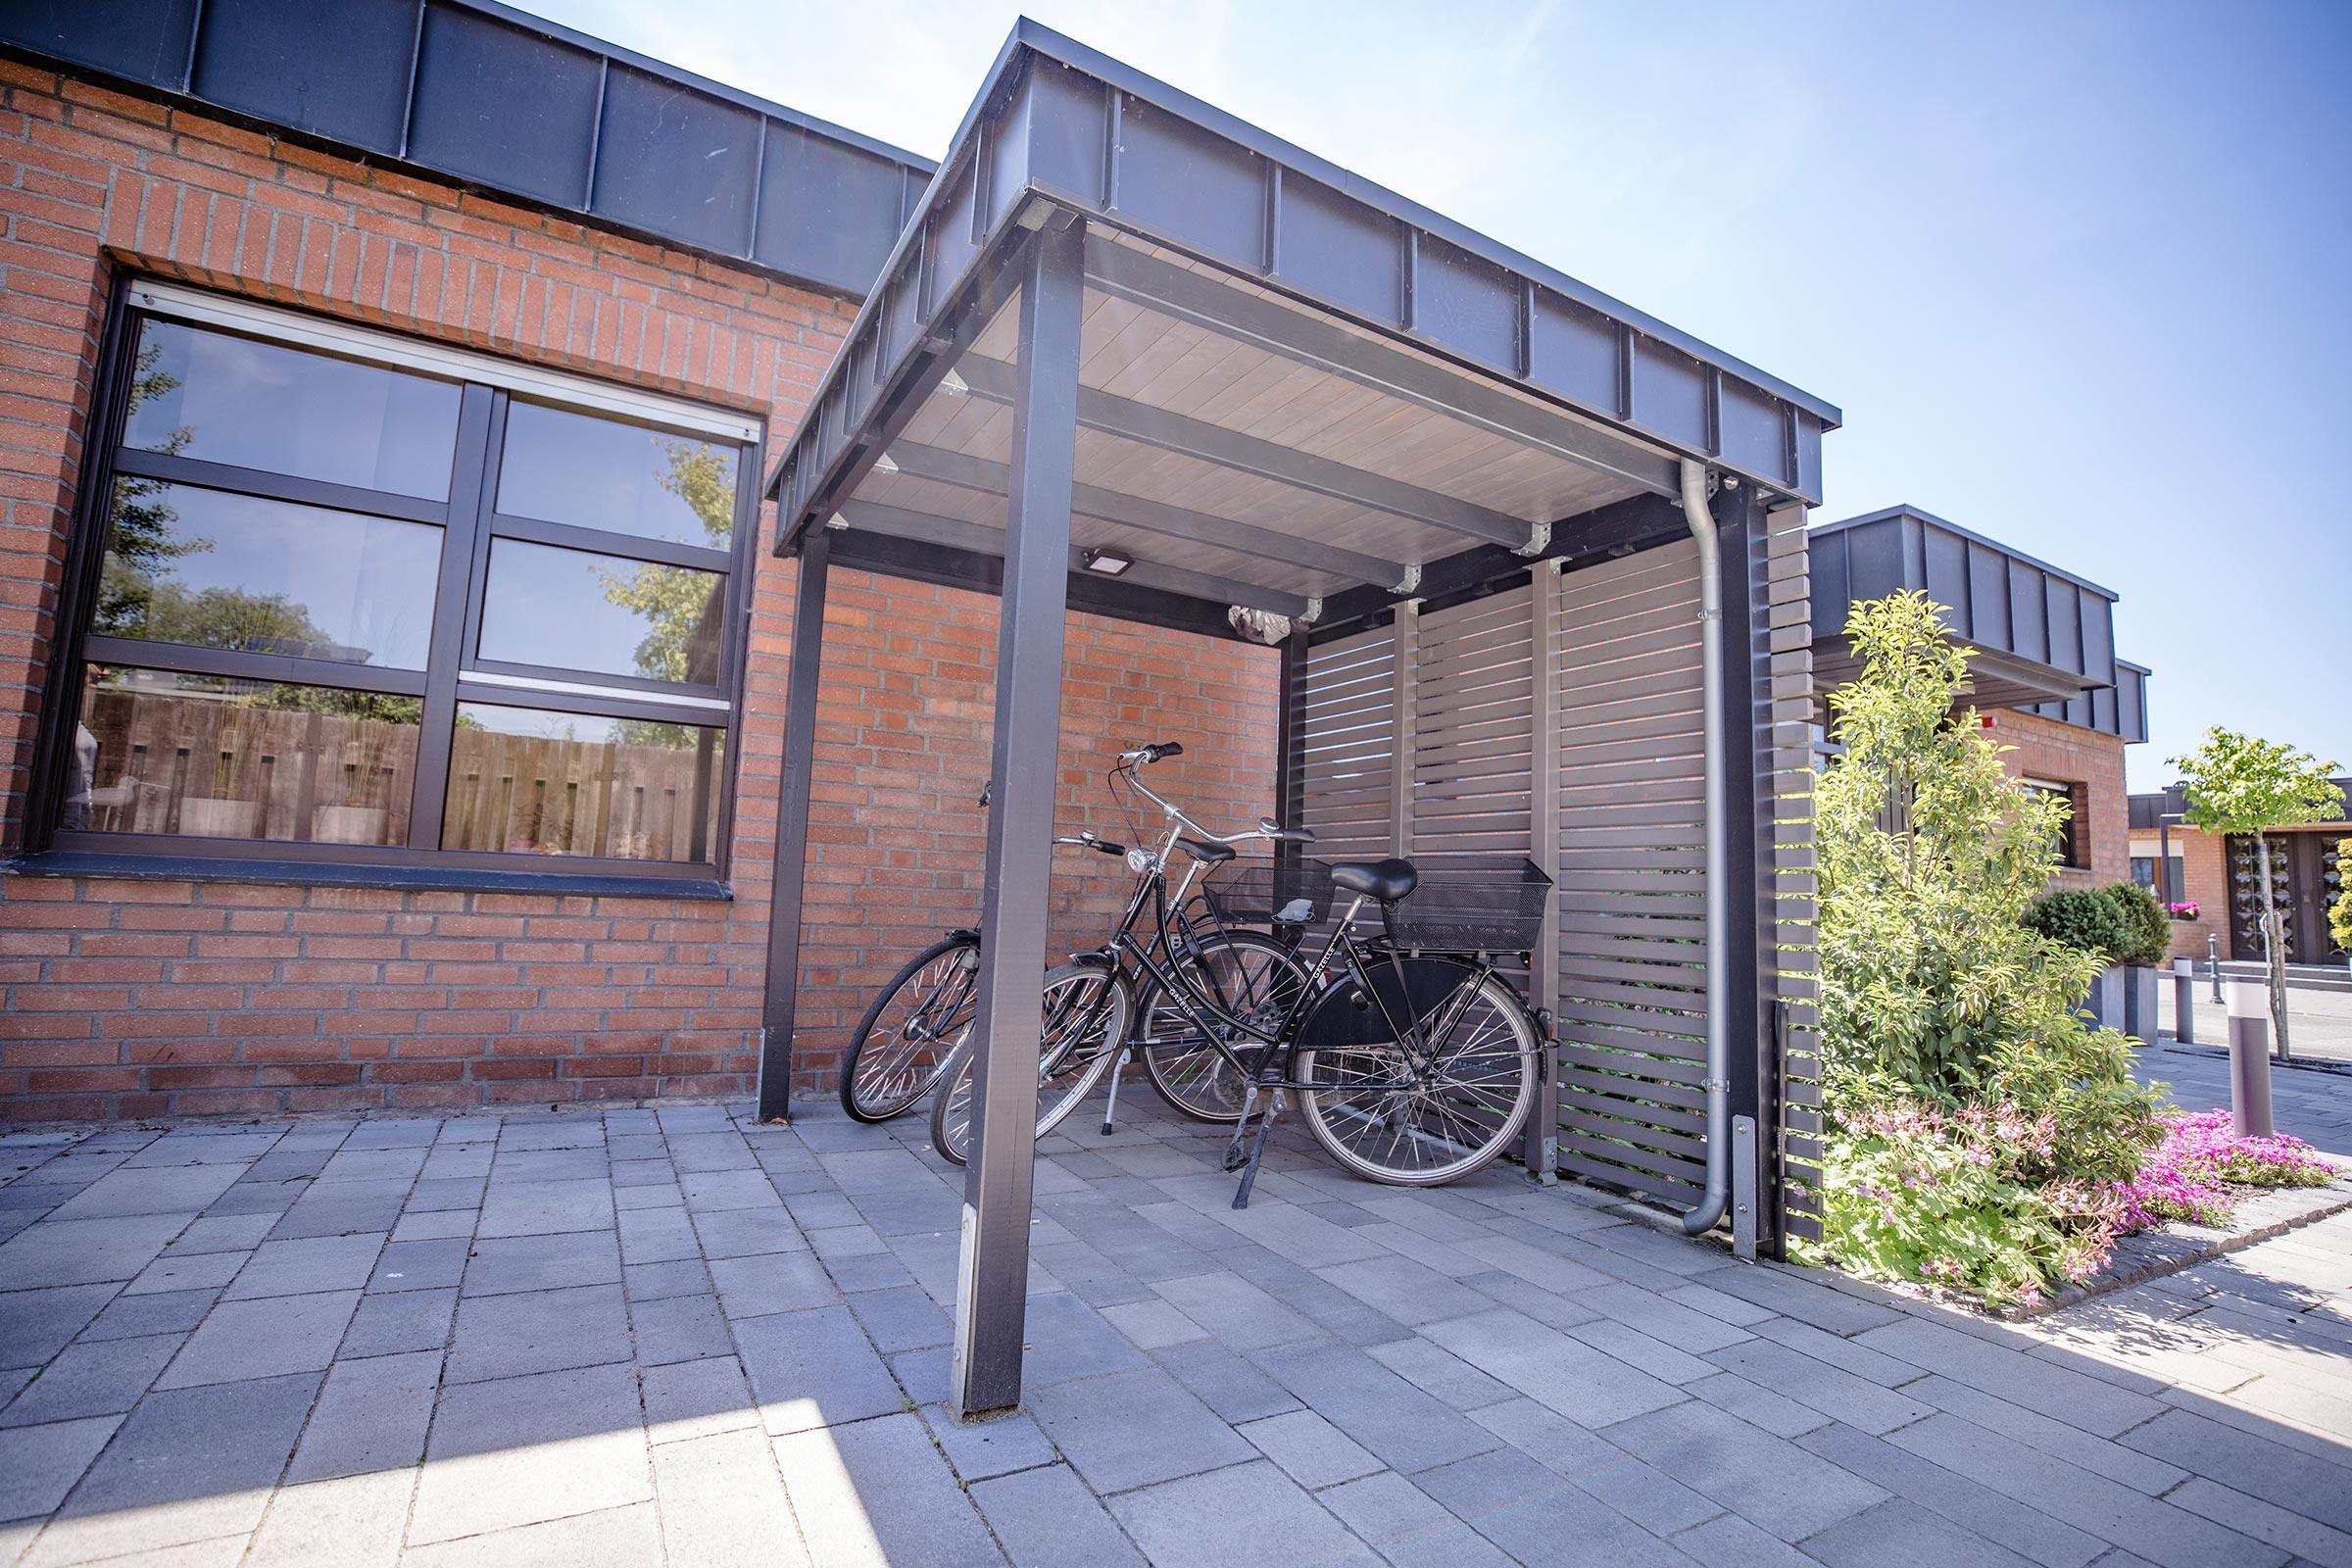 Link zur Bilddatei: Schulze-Tertilt_Referenzen_bungalow_fahrrad_unterstand